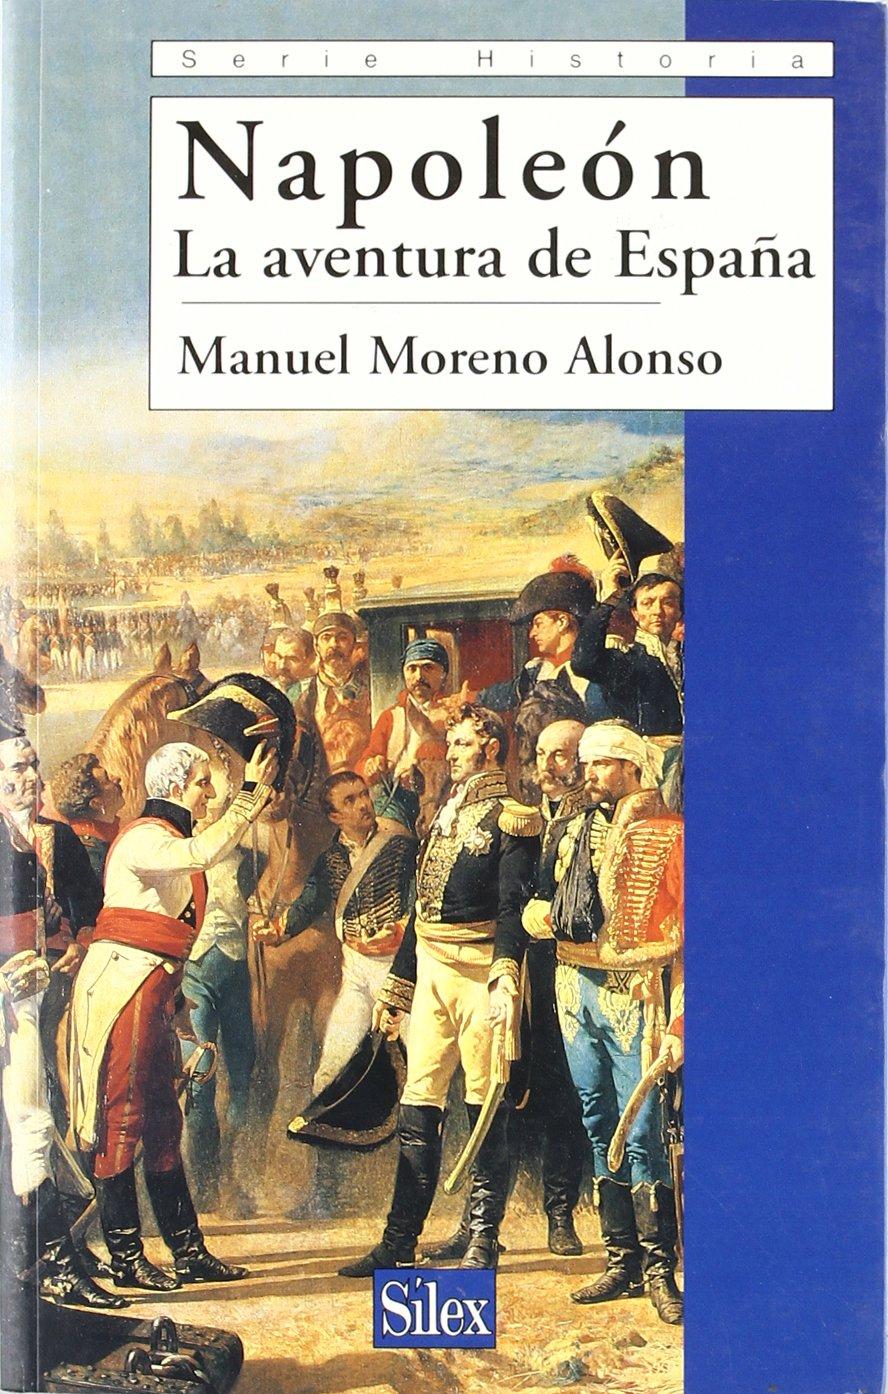 Napoleón. La aventura de España (Serie historia): Amazon.es: Moreno Alonso, Manuel: Libros